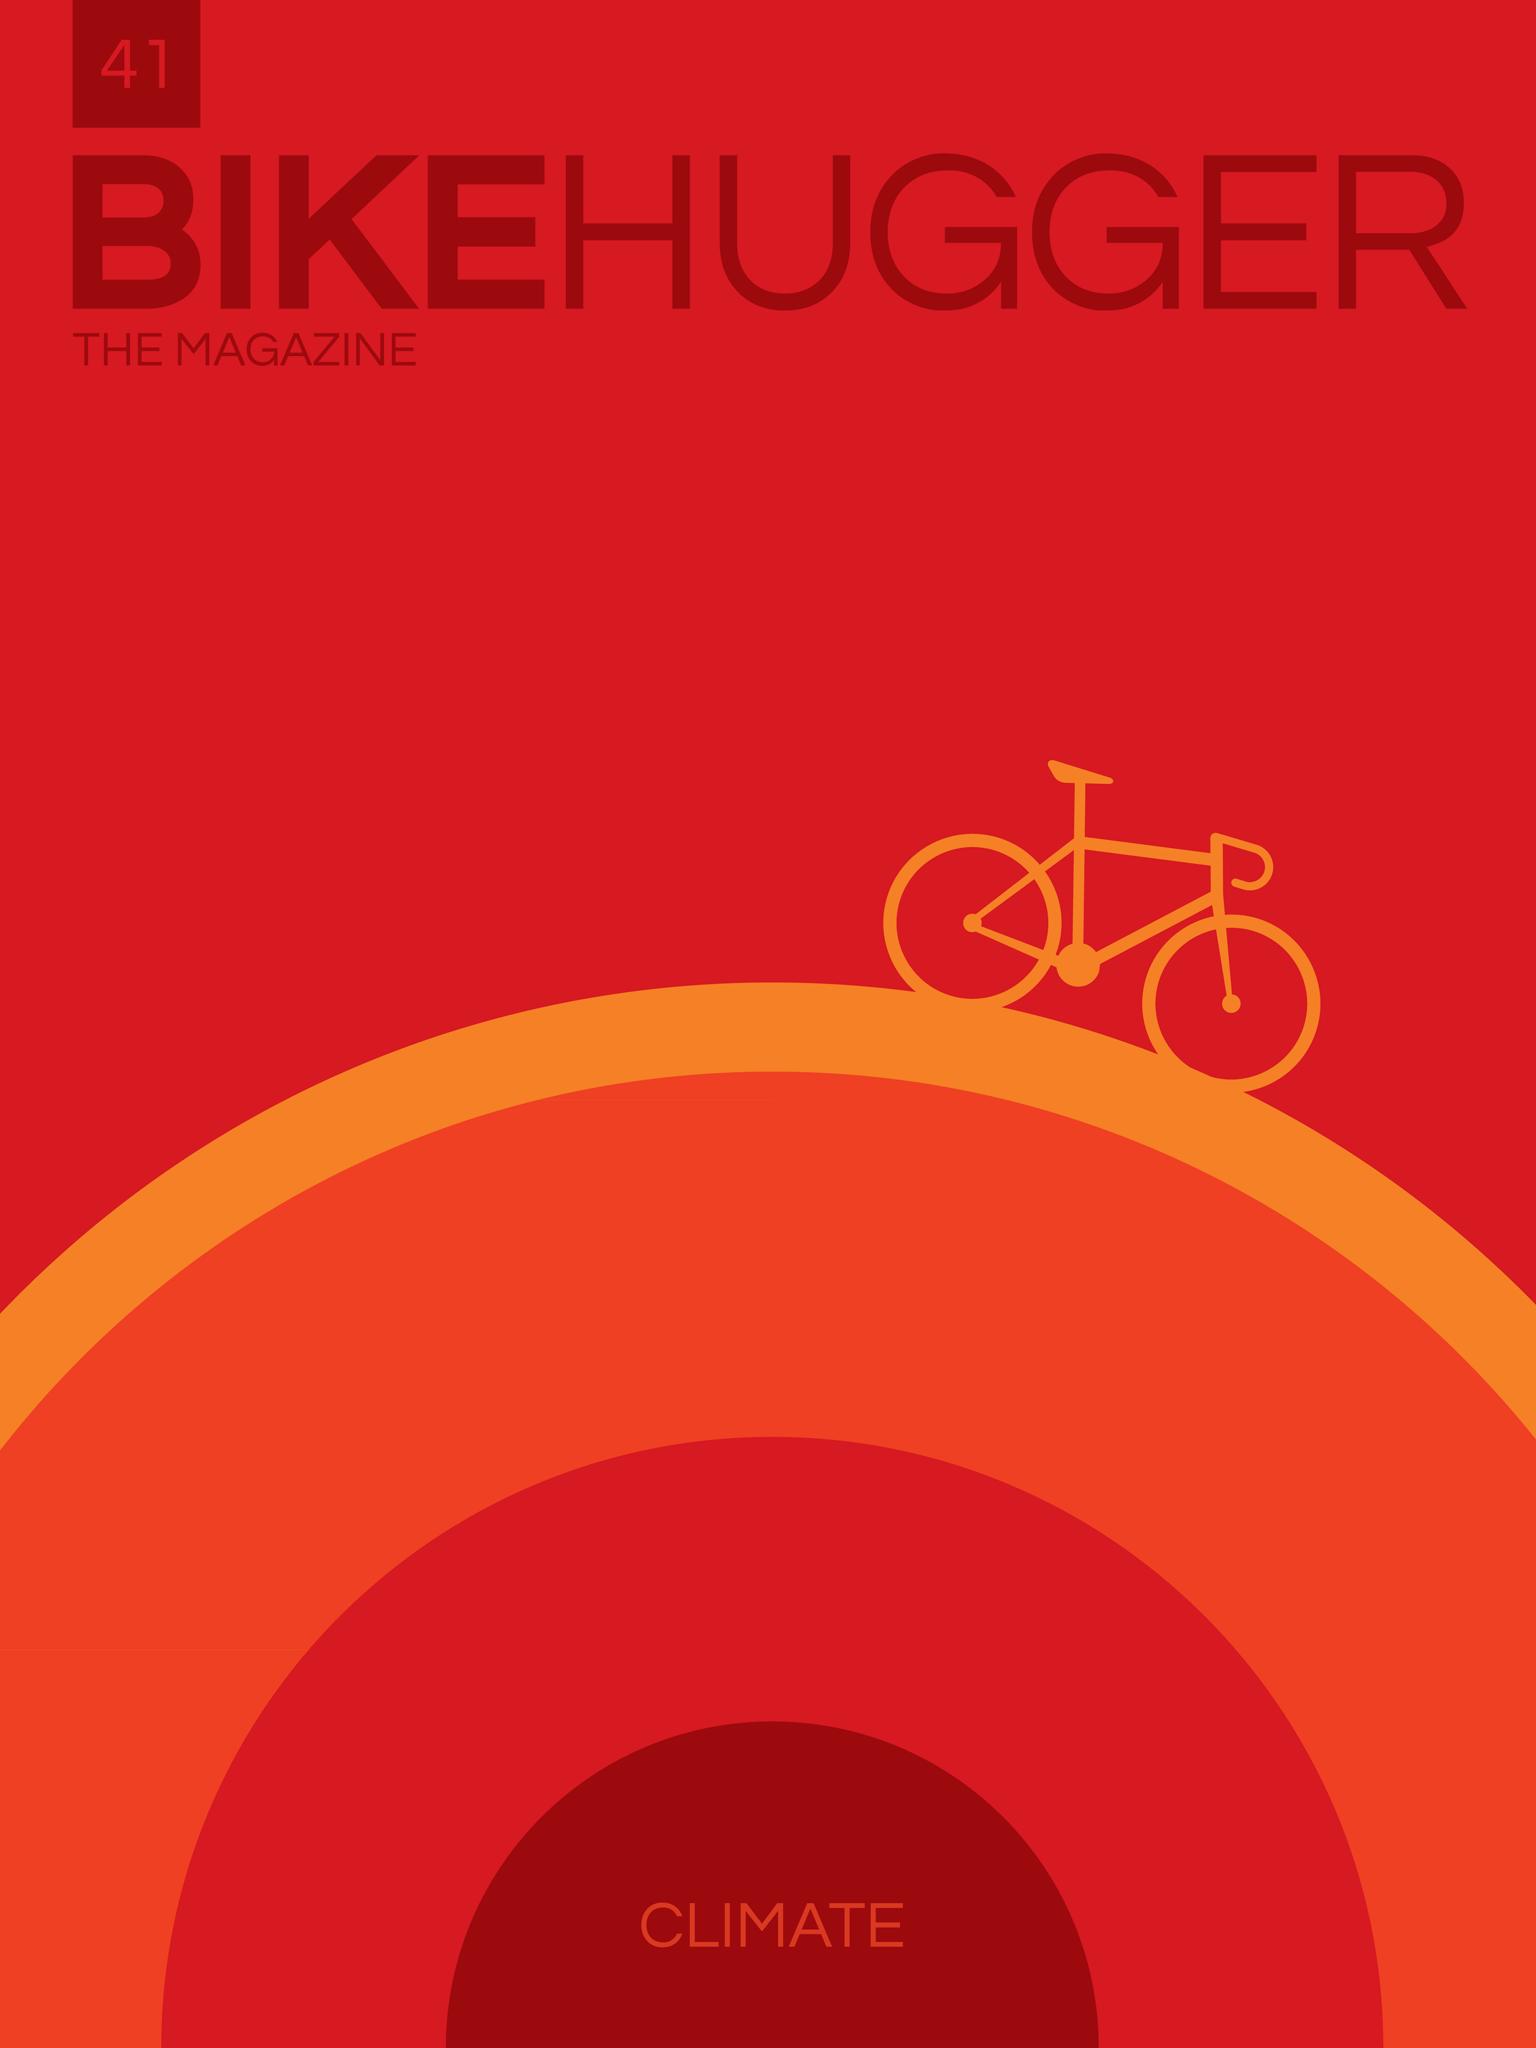 bike-hugger-41-cover-portrait-01